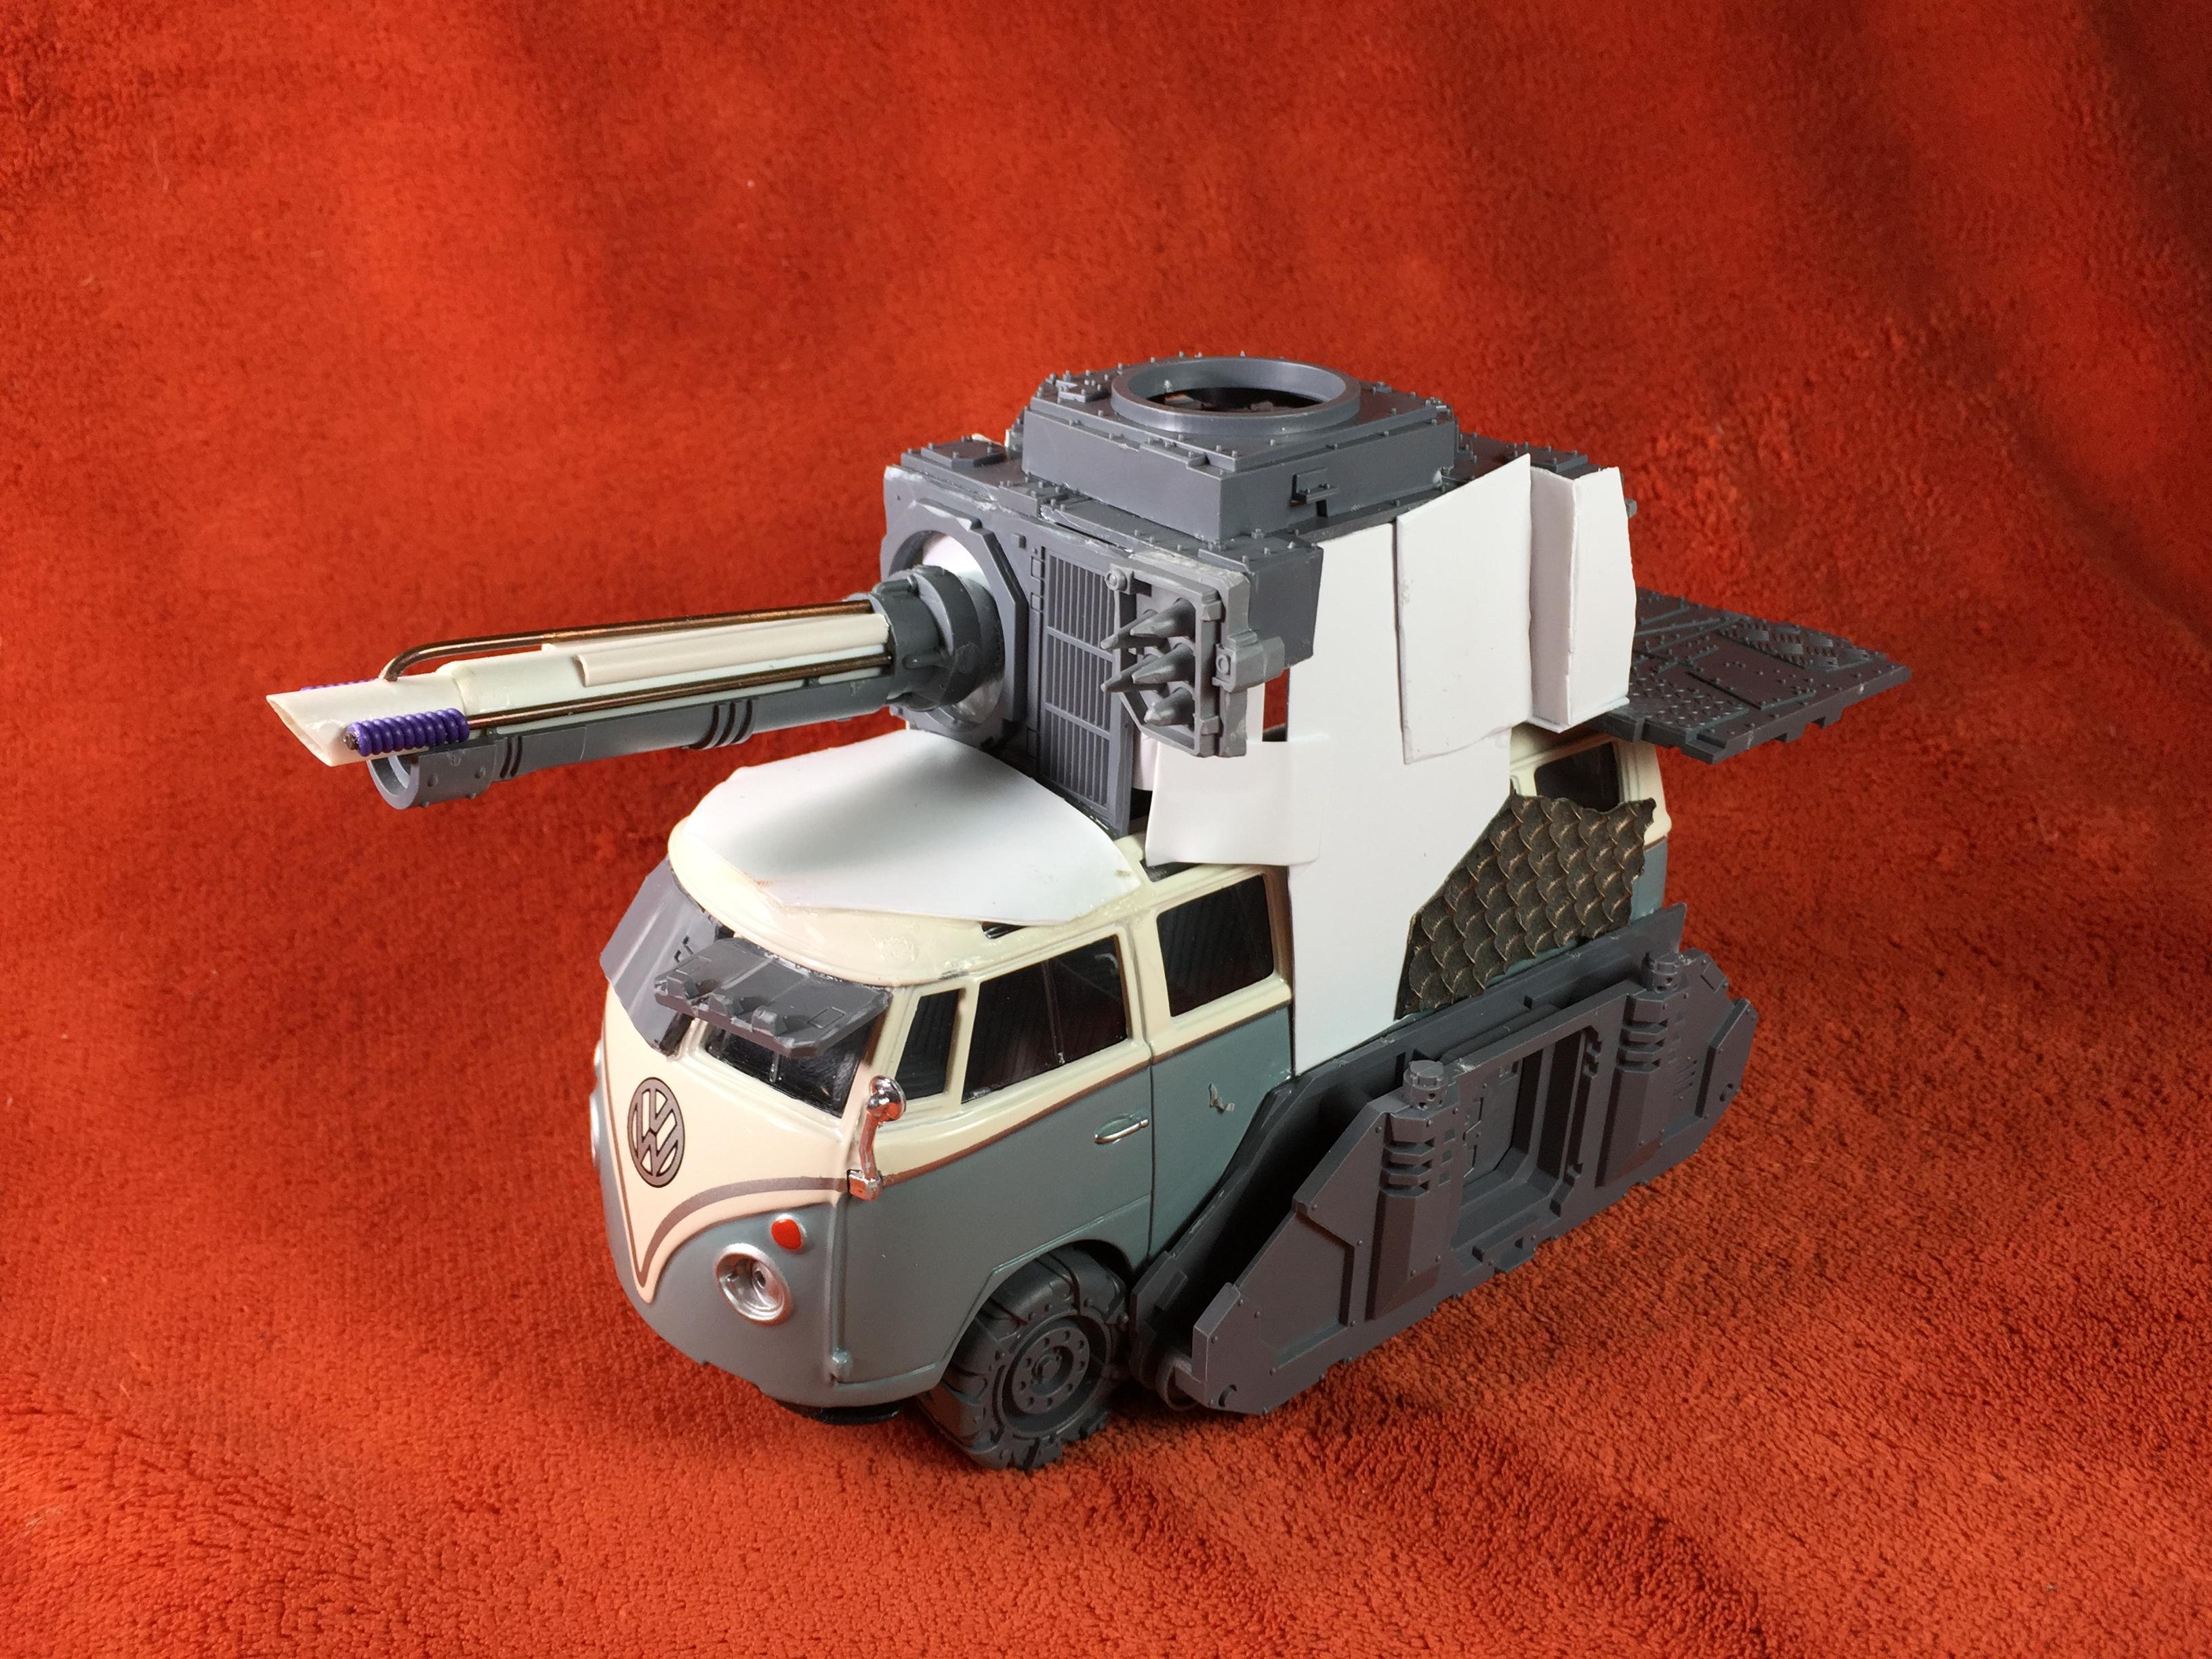 Battlewagon, Bus, Orks, Vw